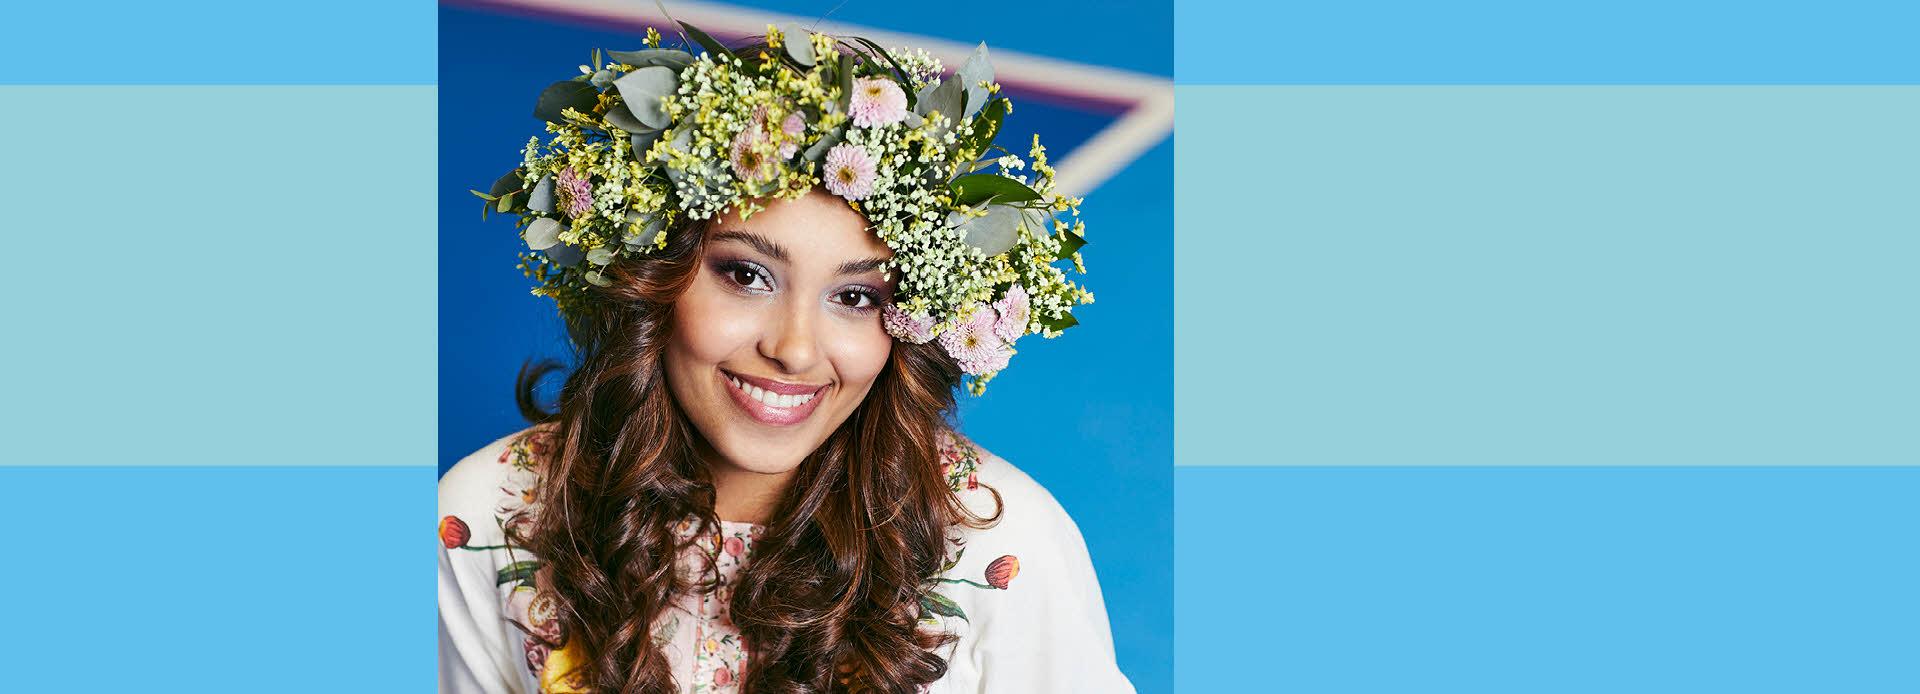 jente med blomsterkrans på hodet